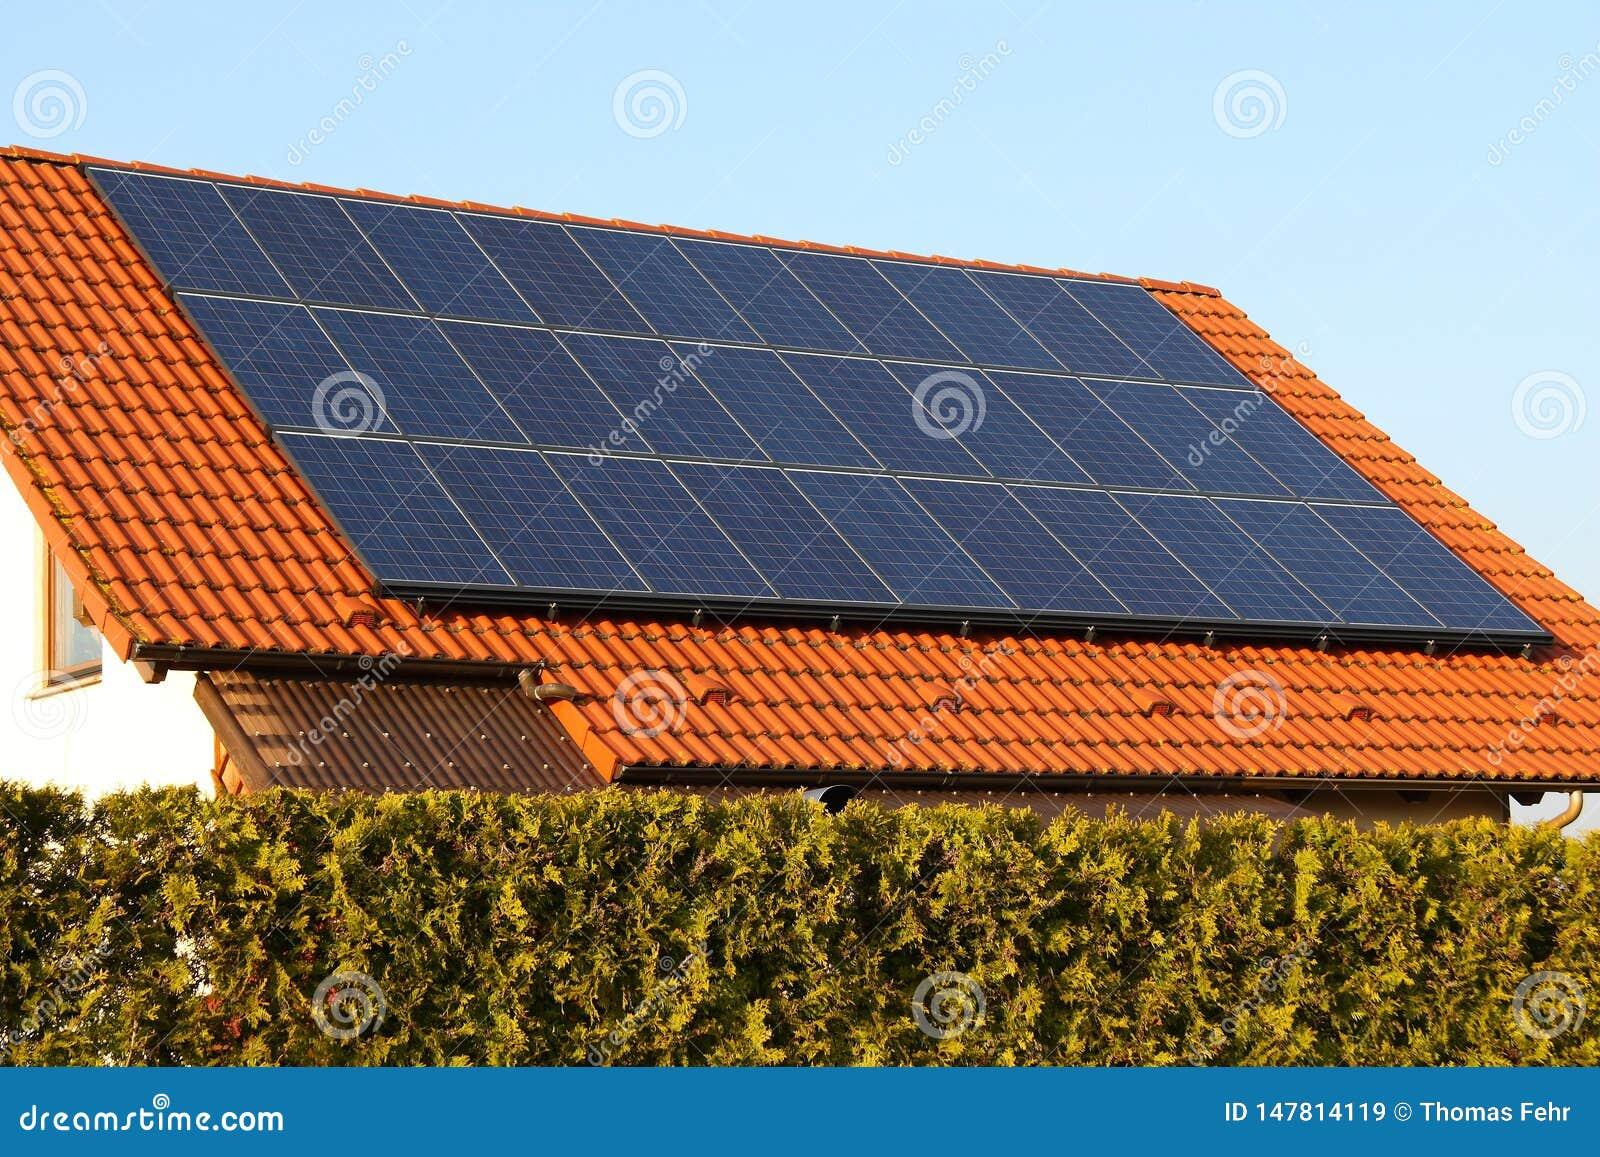 Dach mit Solarzellen